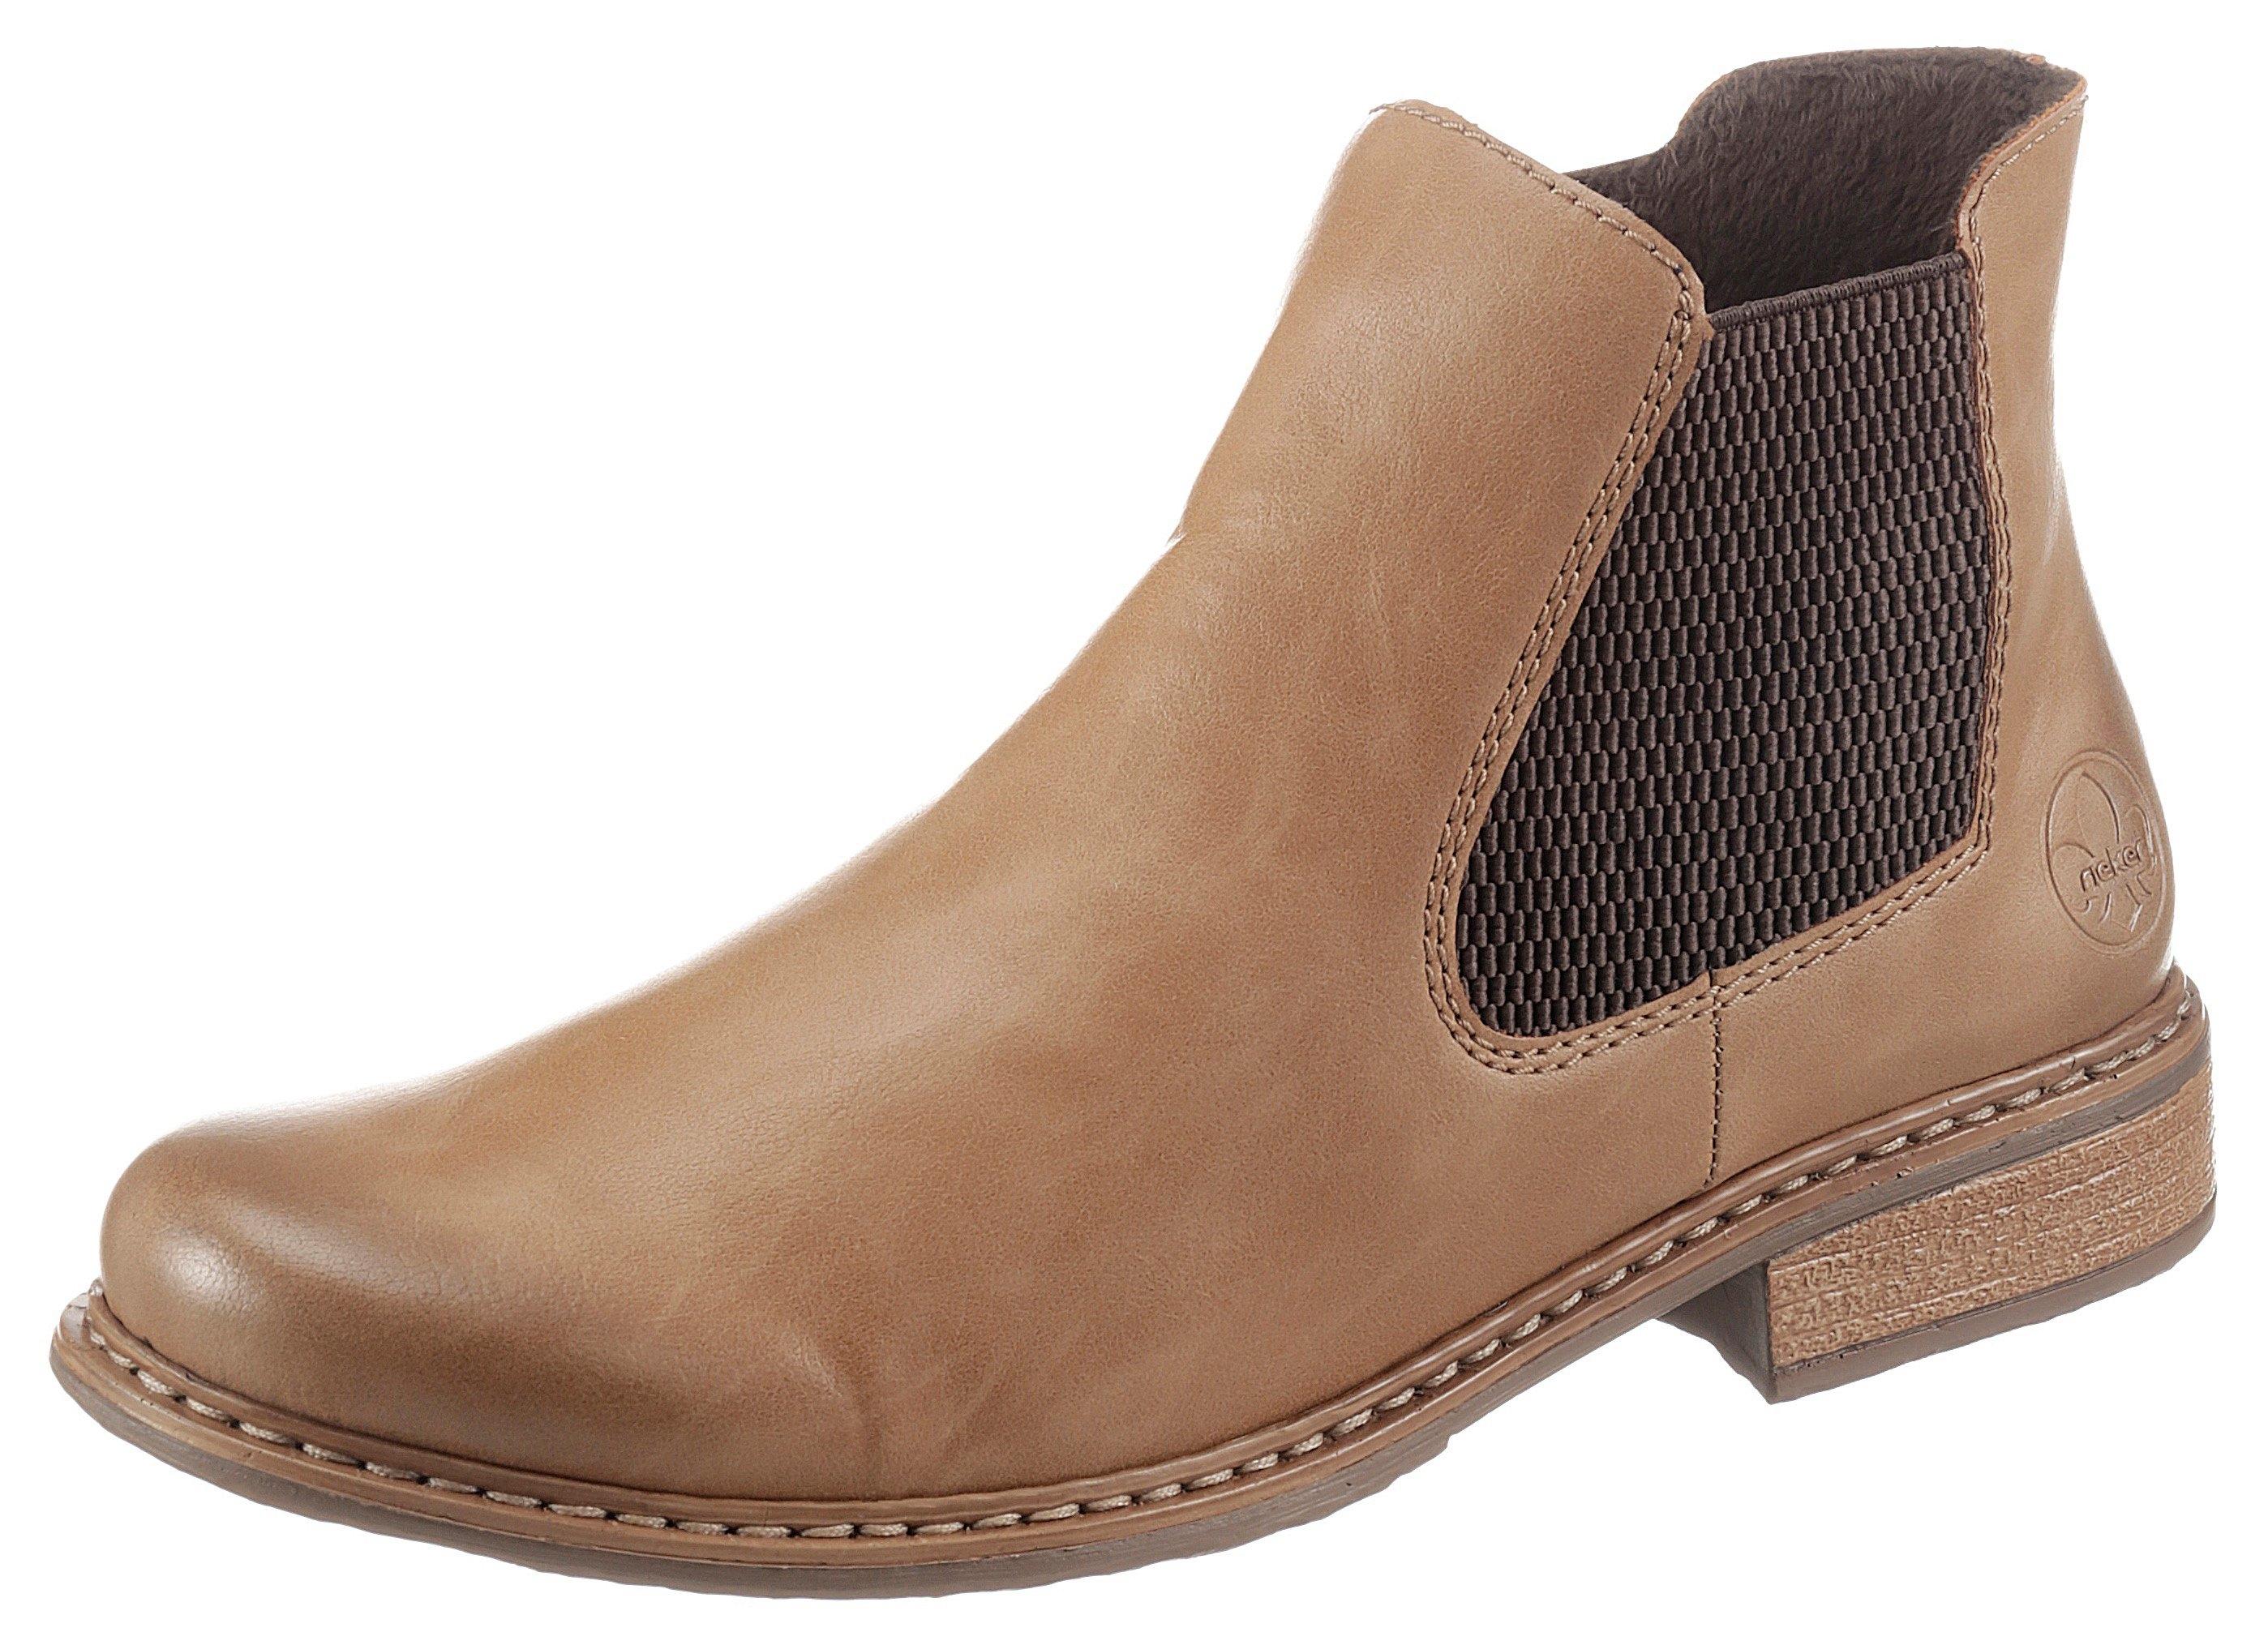 Rieker Chelsea-boots in klassieke look voordelig en veilig online kopen